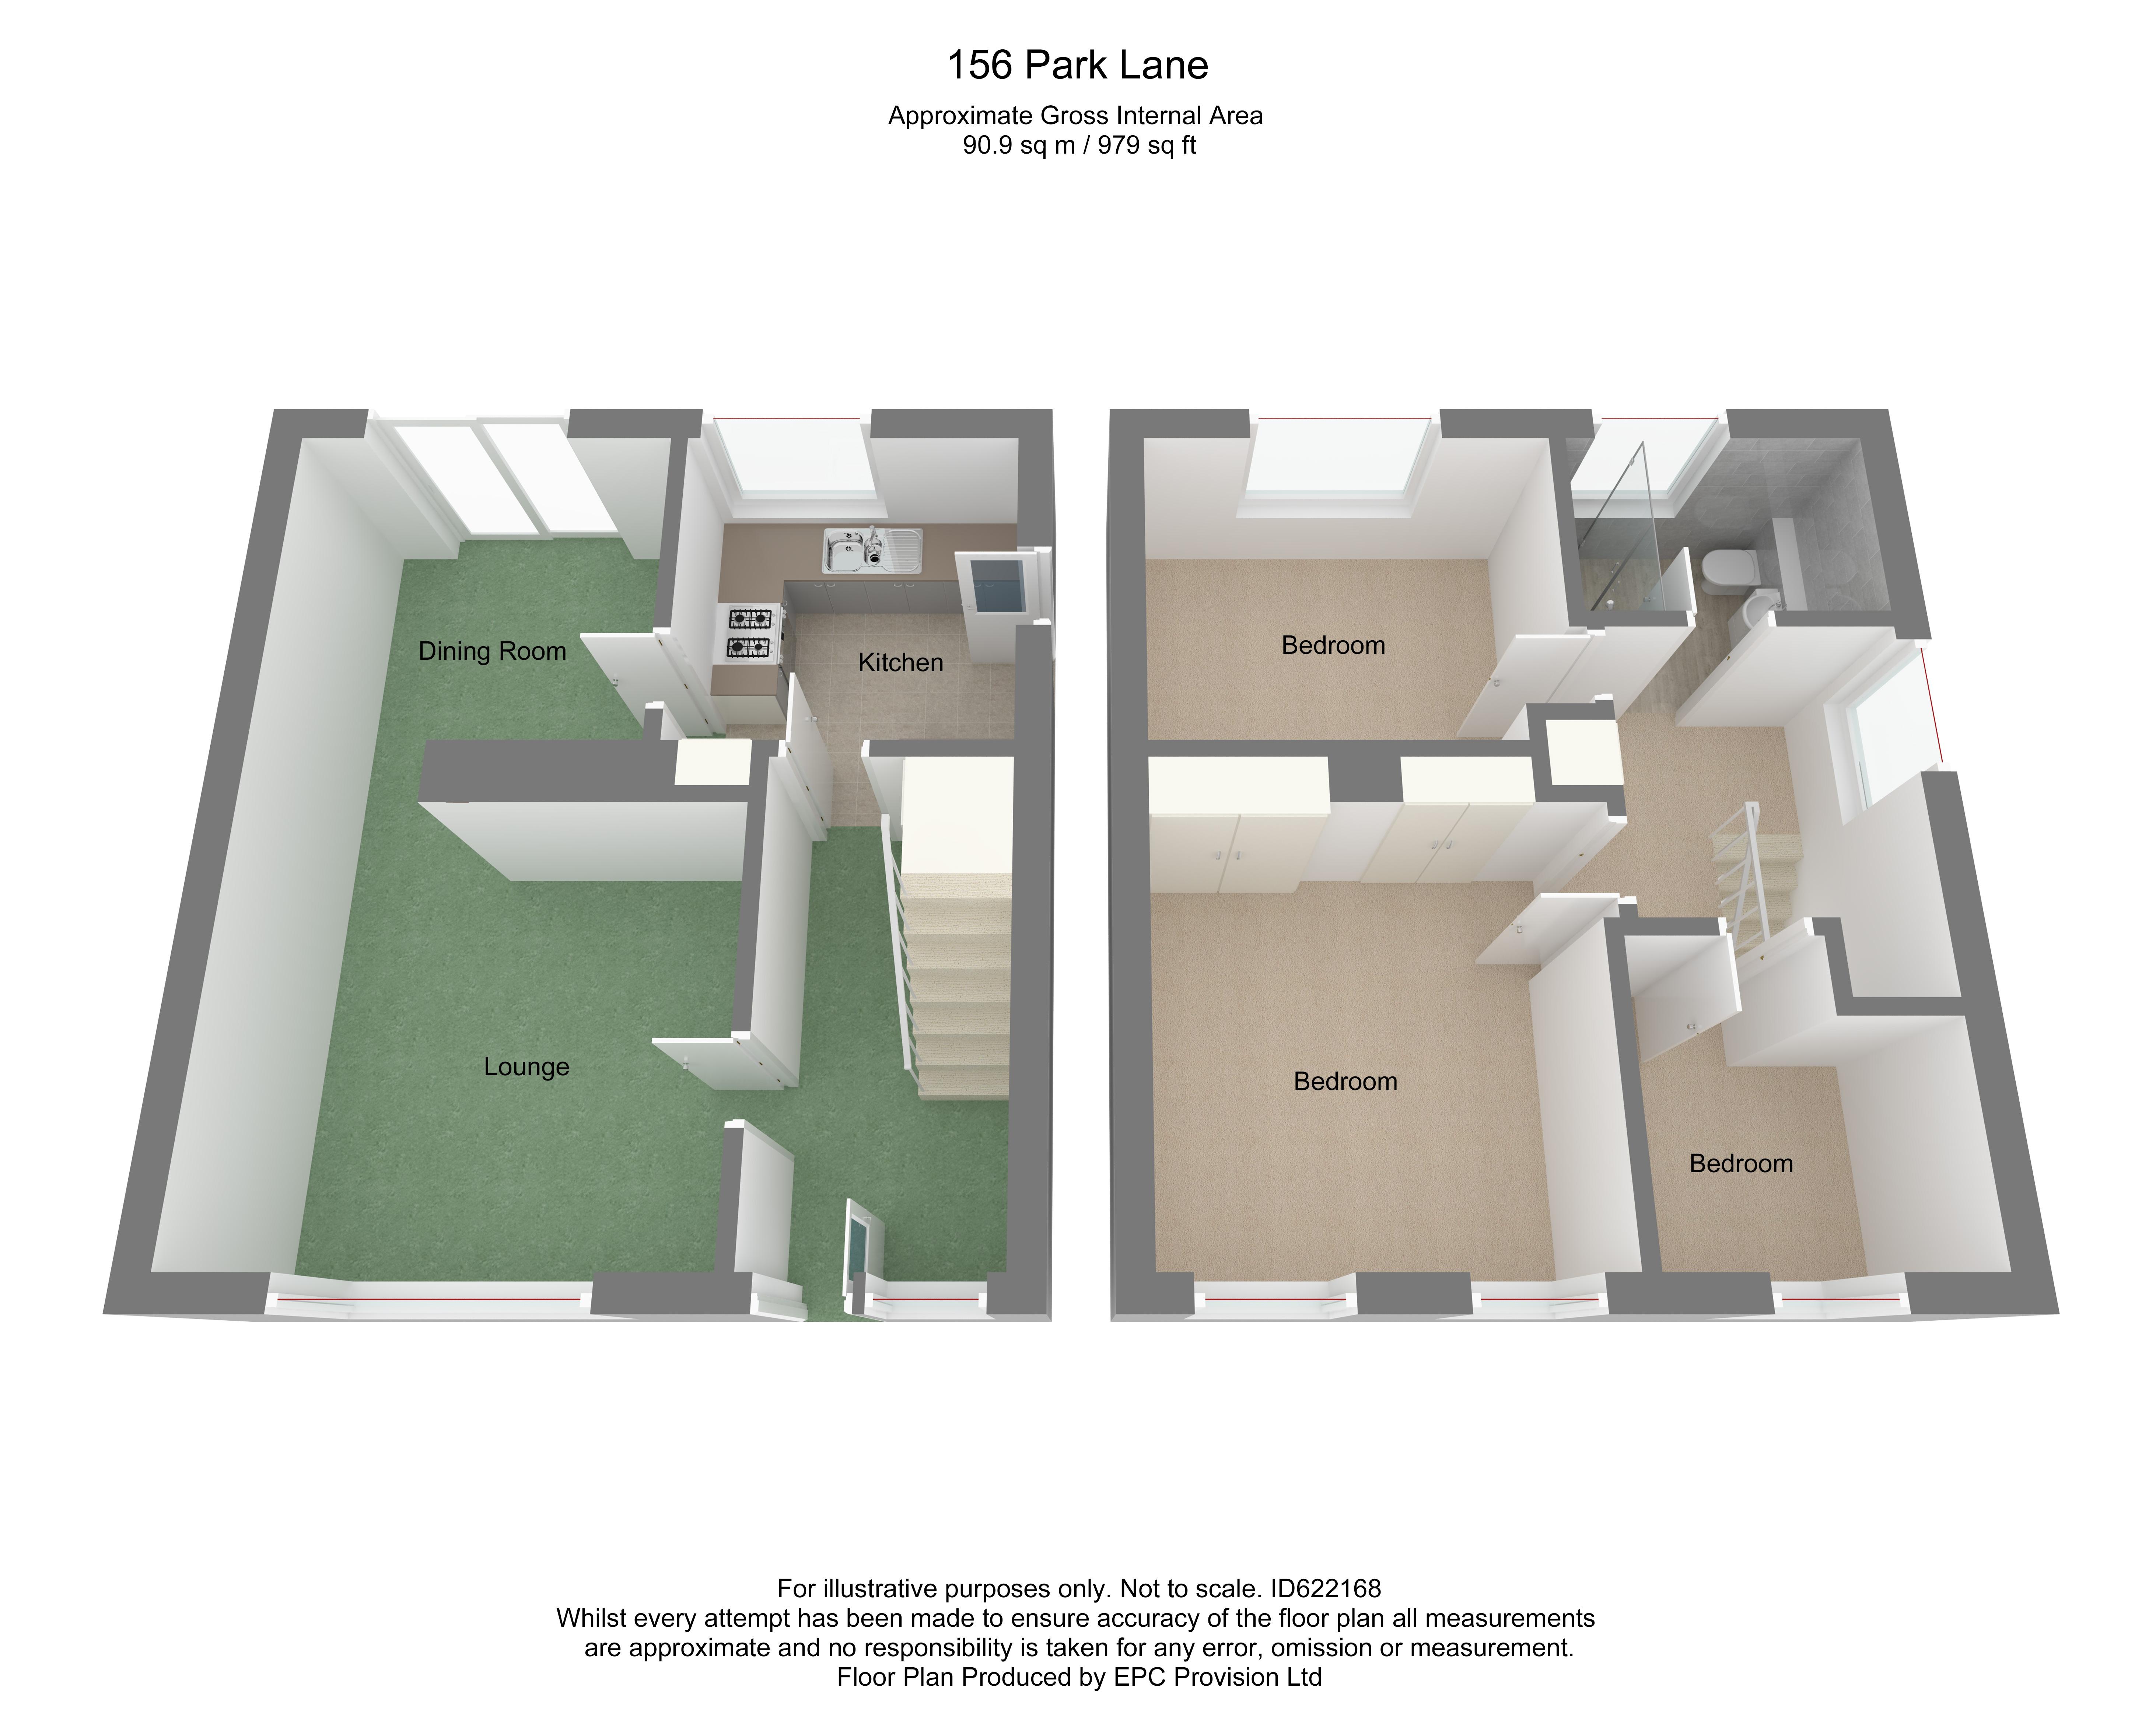 Floorplan for Park Lane, Frampton Cotterell.